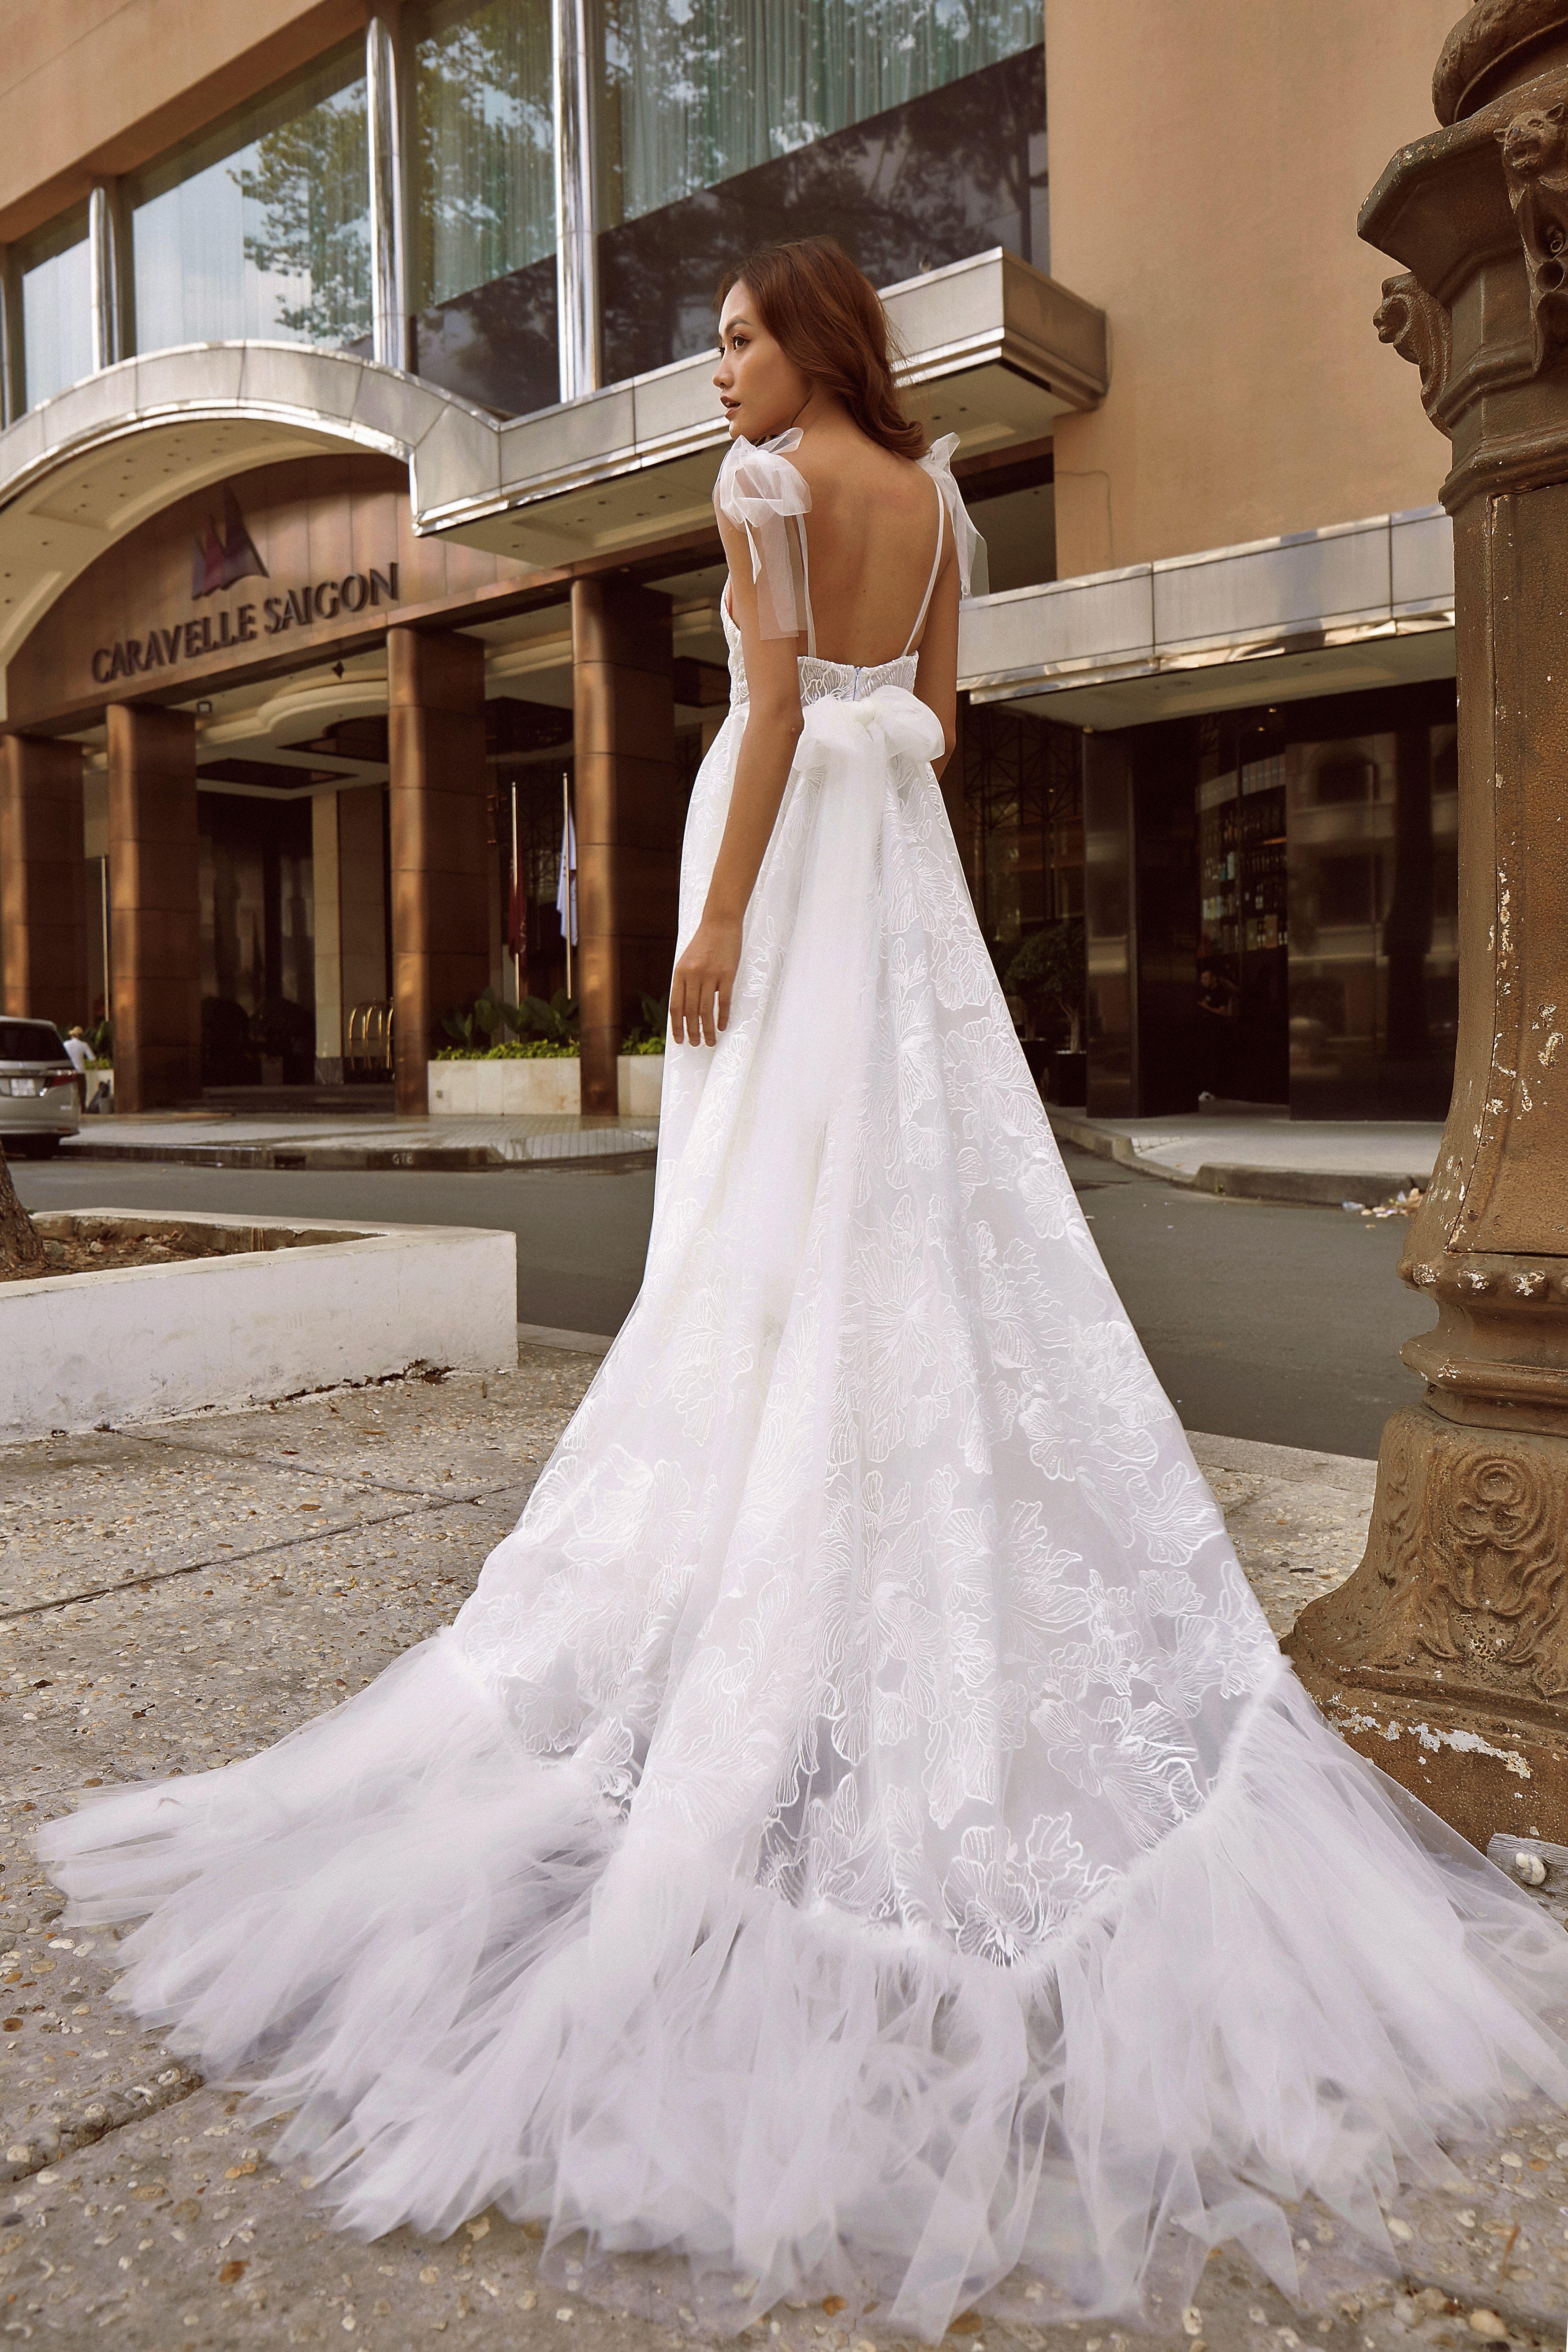 Pin On Wedding [ 5336 x 3557 Pixel ]